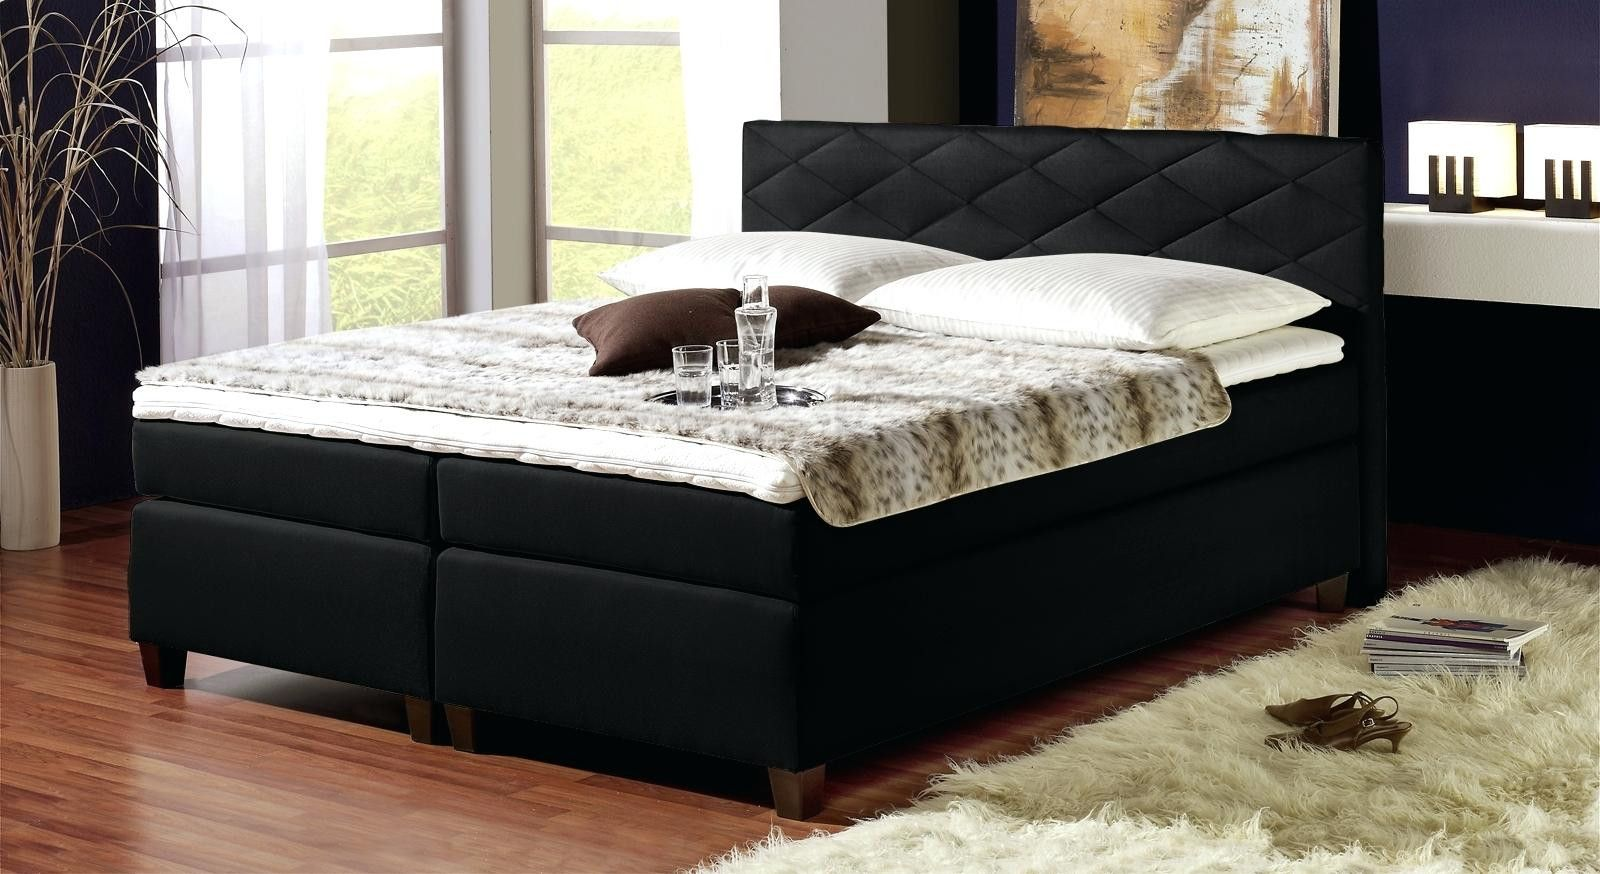 Betten Kaufen 140 200 New Betten Kaufen 140 200 Xora Boxspringbett